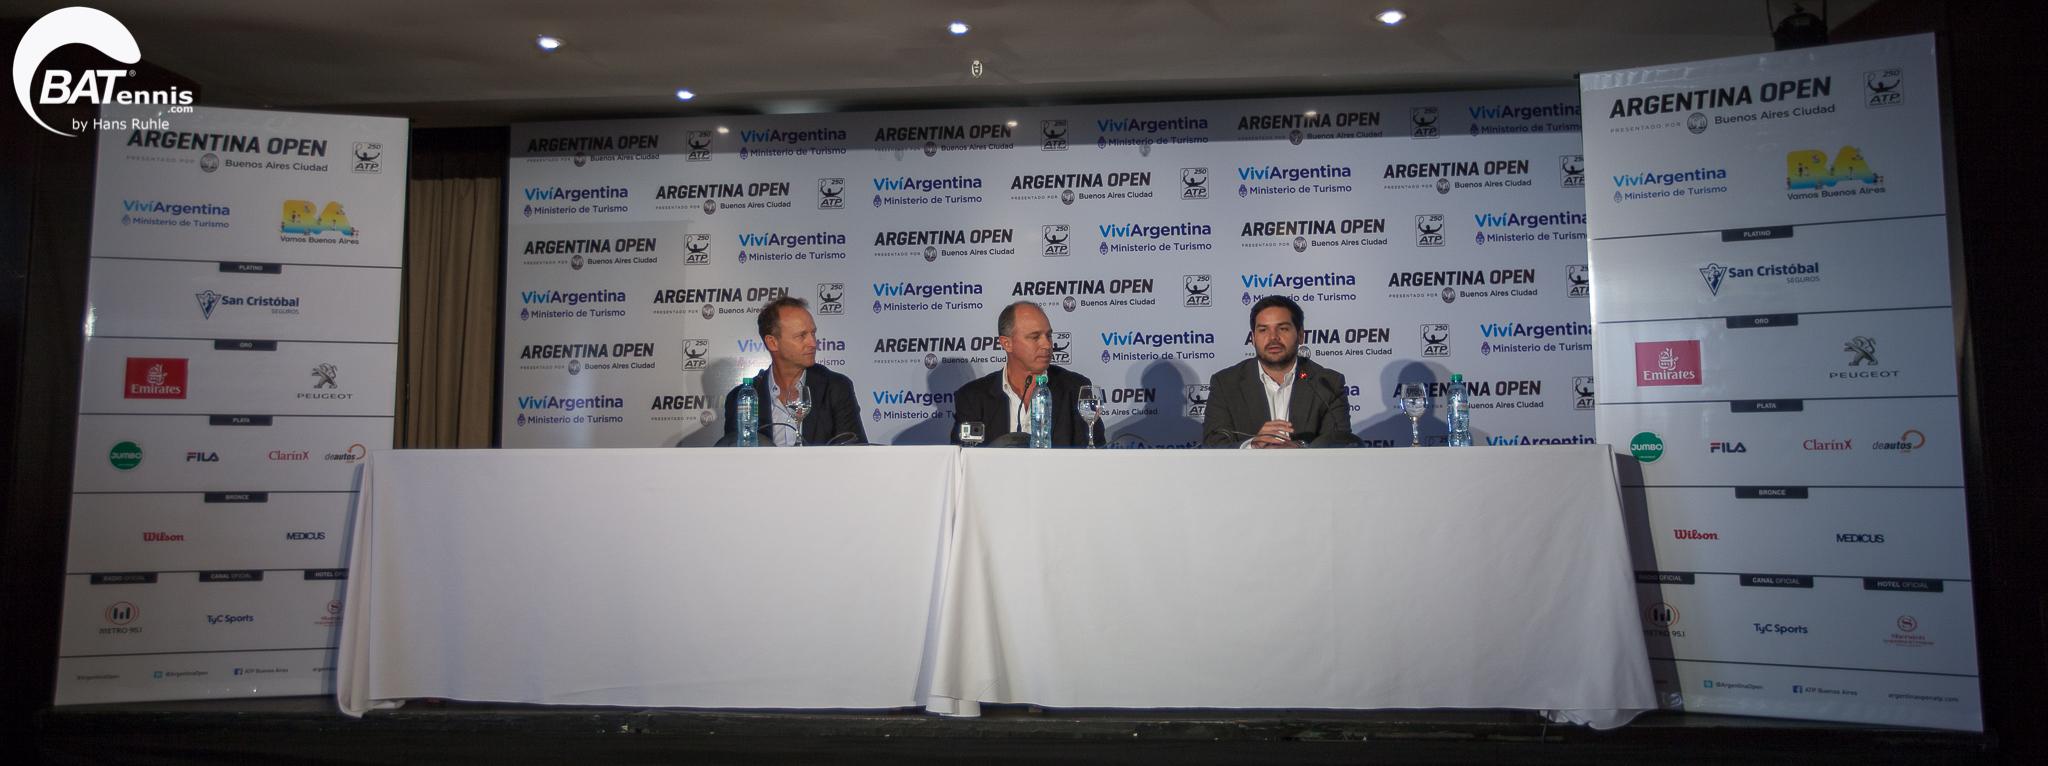 Lanzamiento del Argentina Open 2017